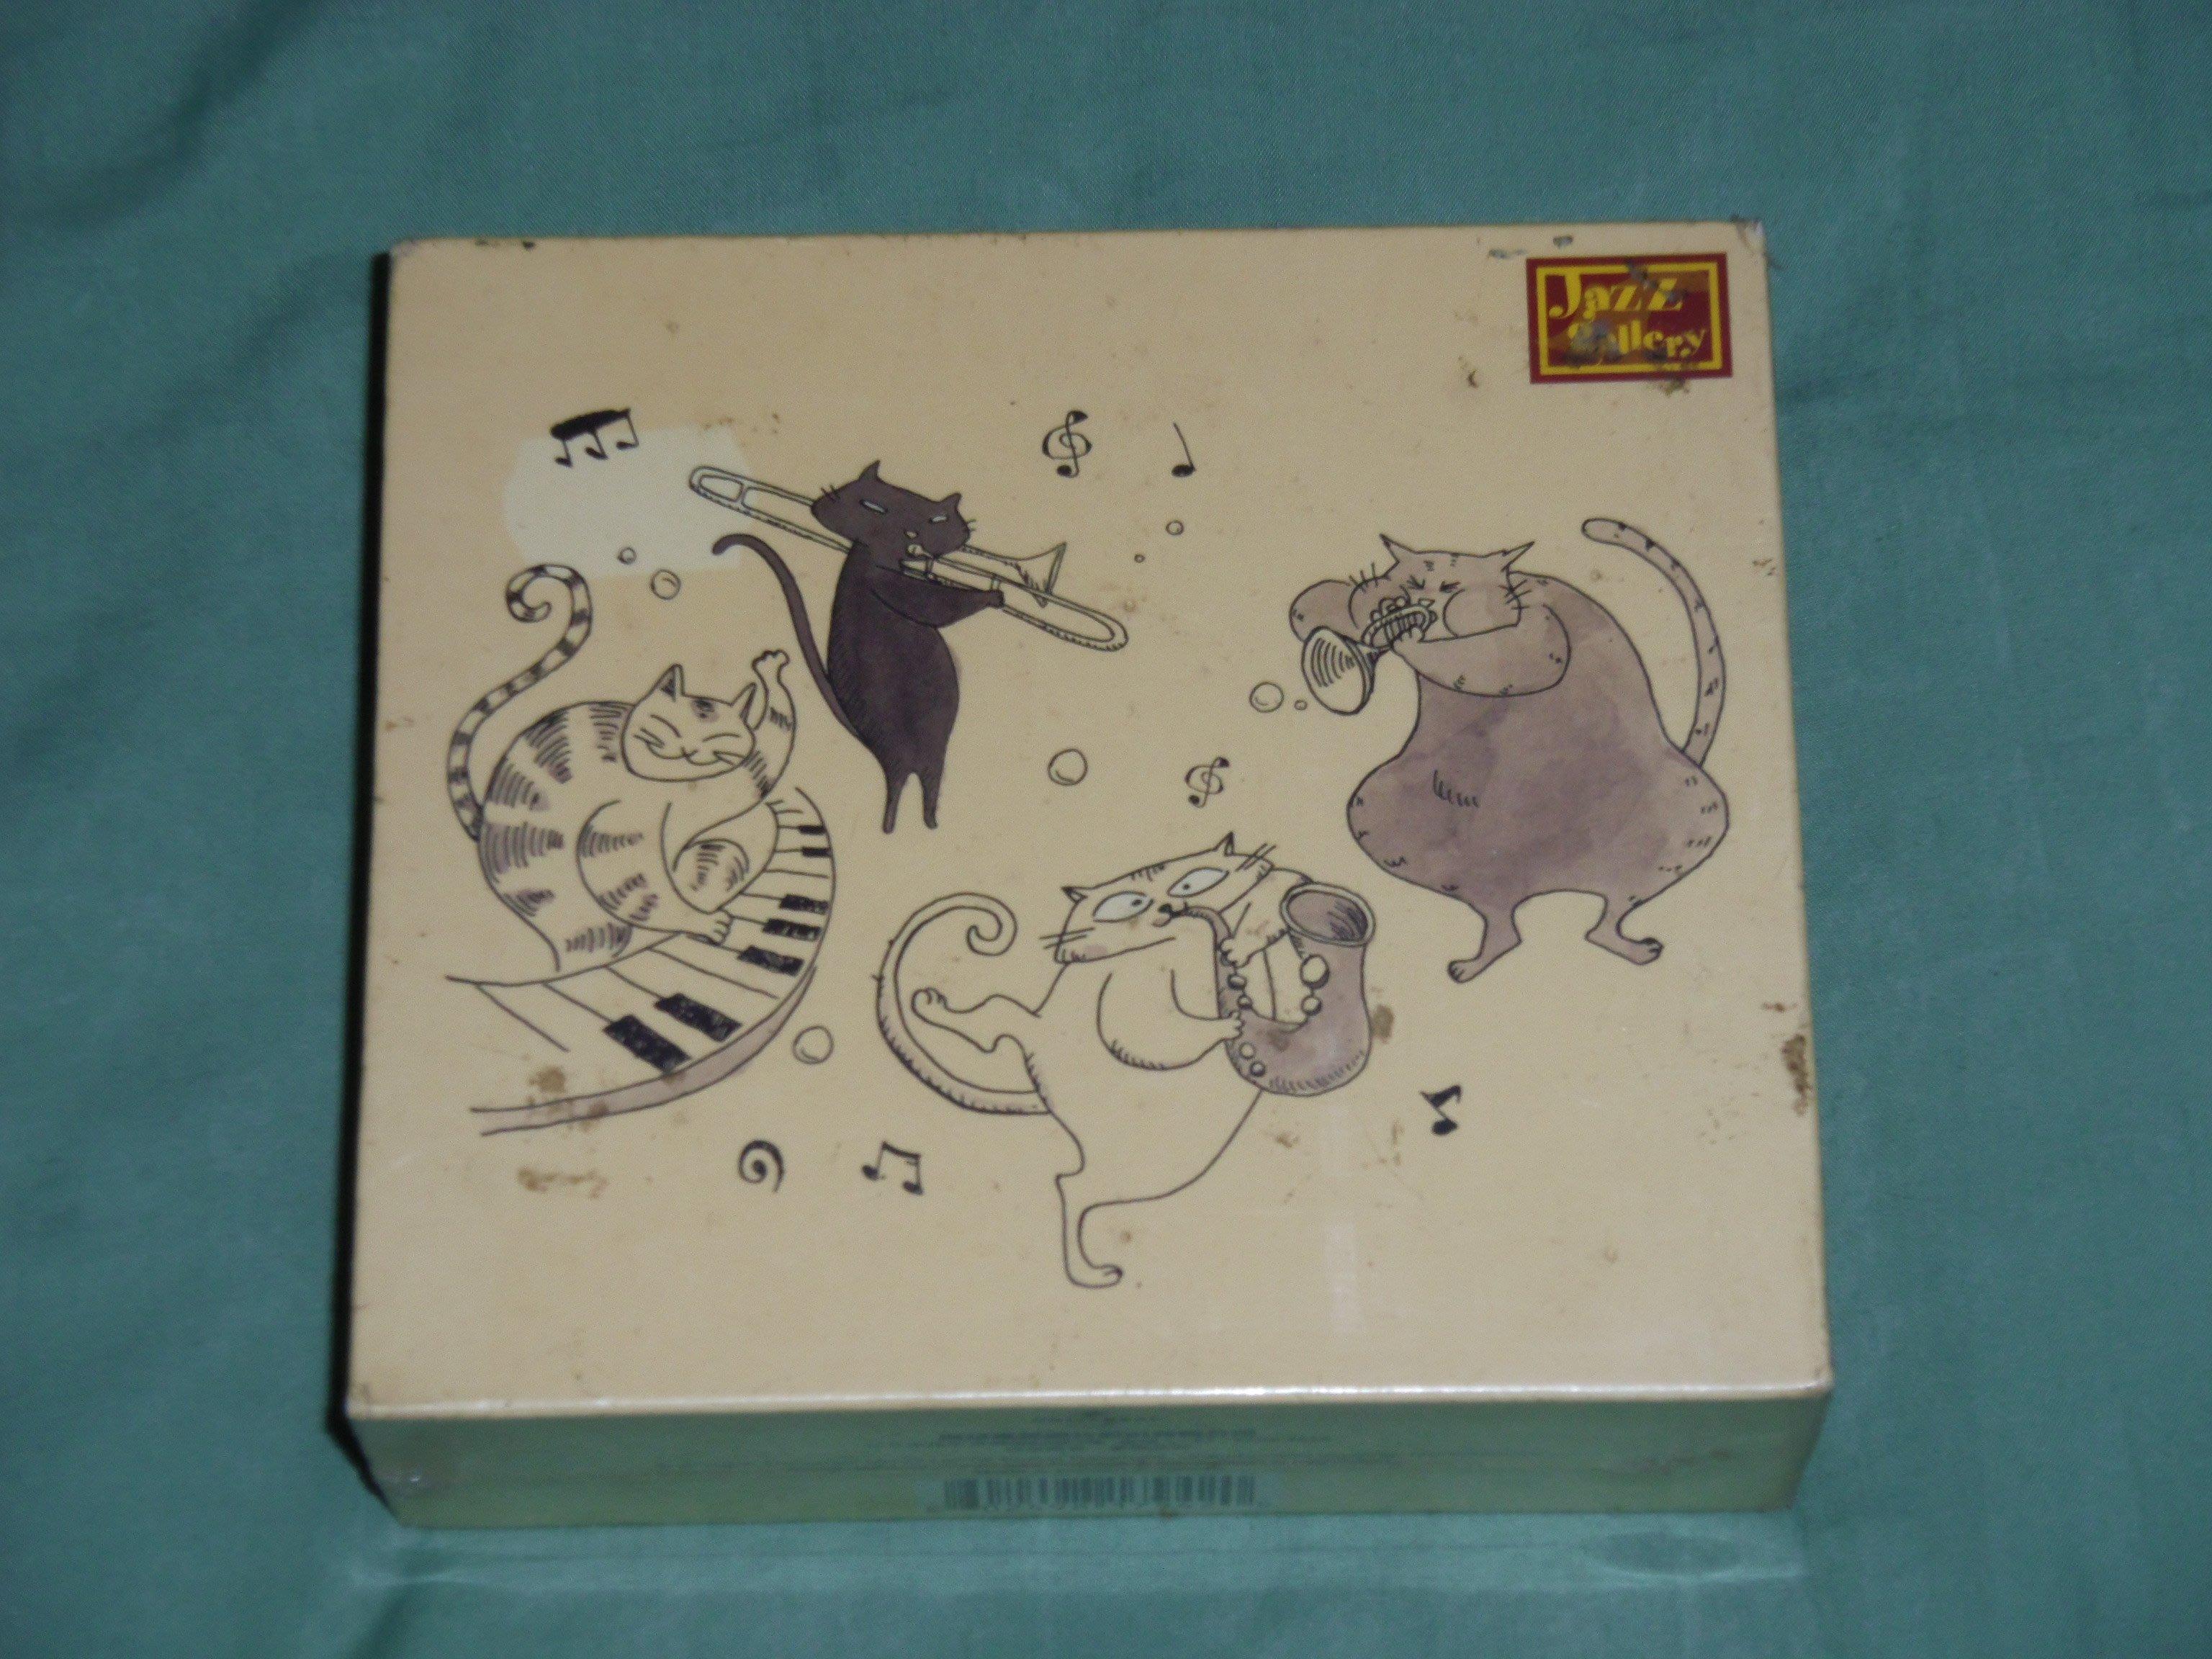 全新未拆-爵士畫廊大師精裝限量版4CD-路易阿姆斯壯.比莉哈樂黛.莎拉沃恩.艾拉費茲潔拉超過4個小時的錄音饗宴